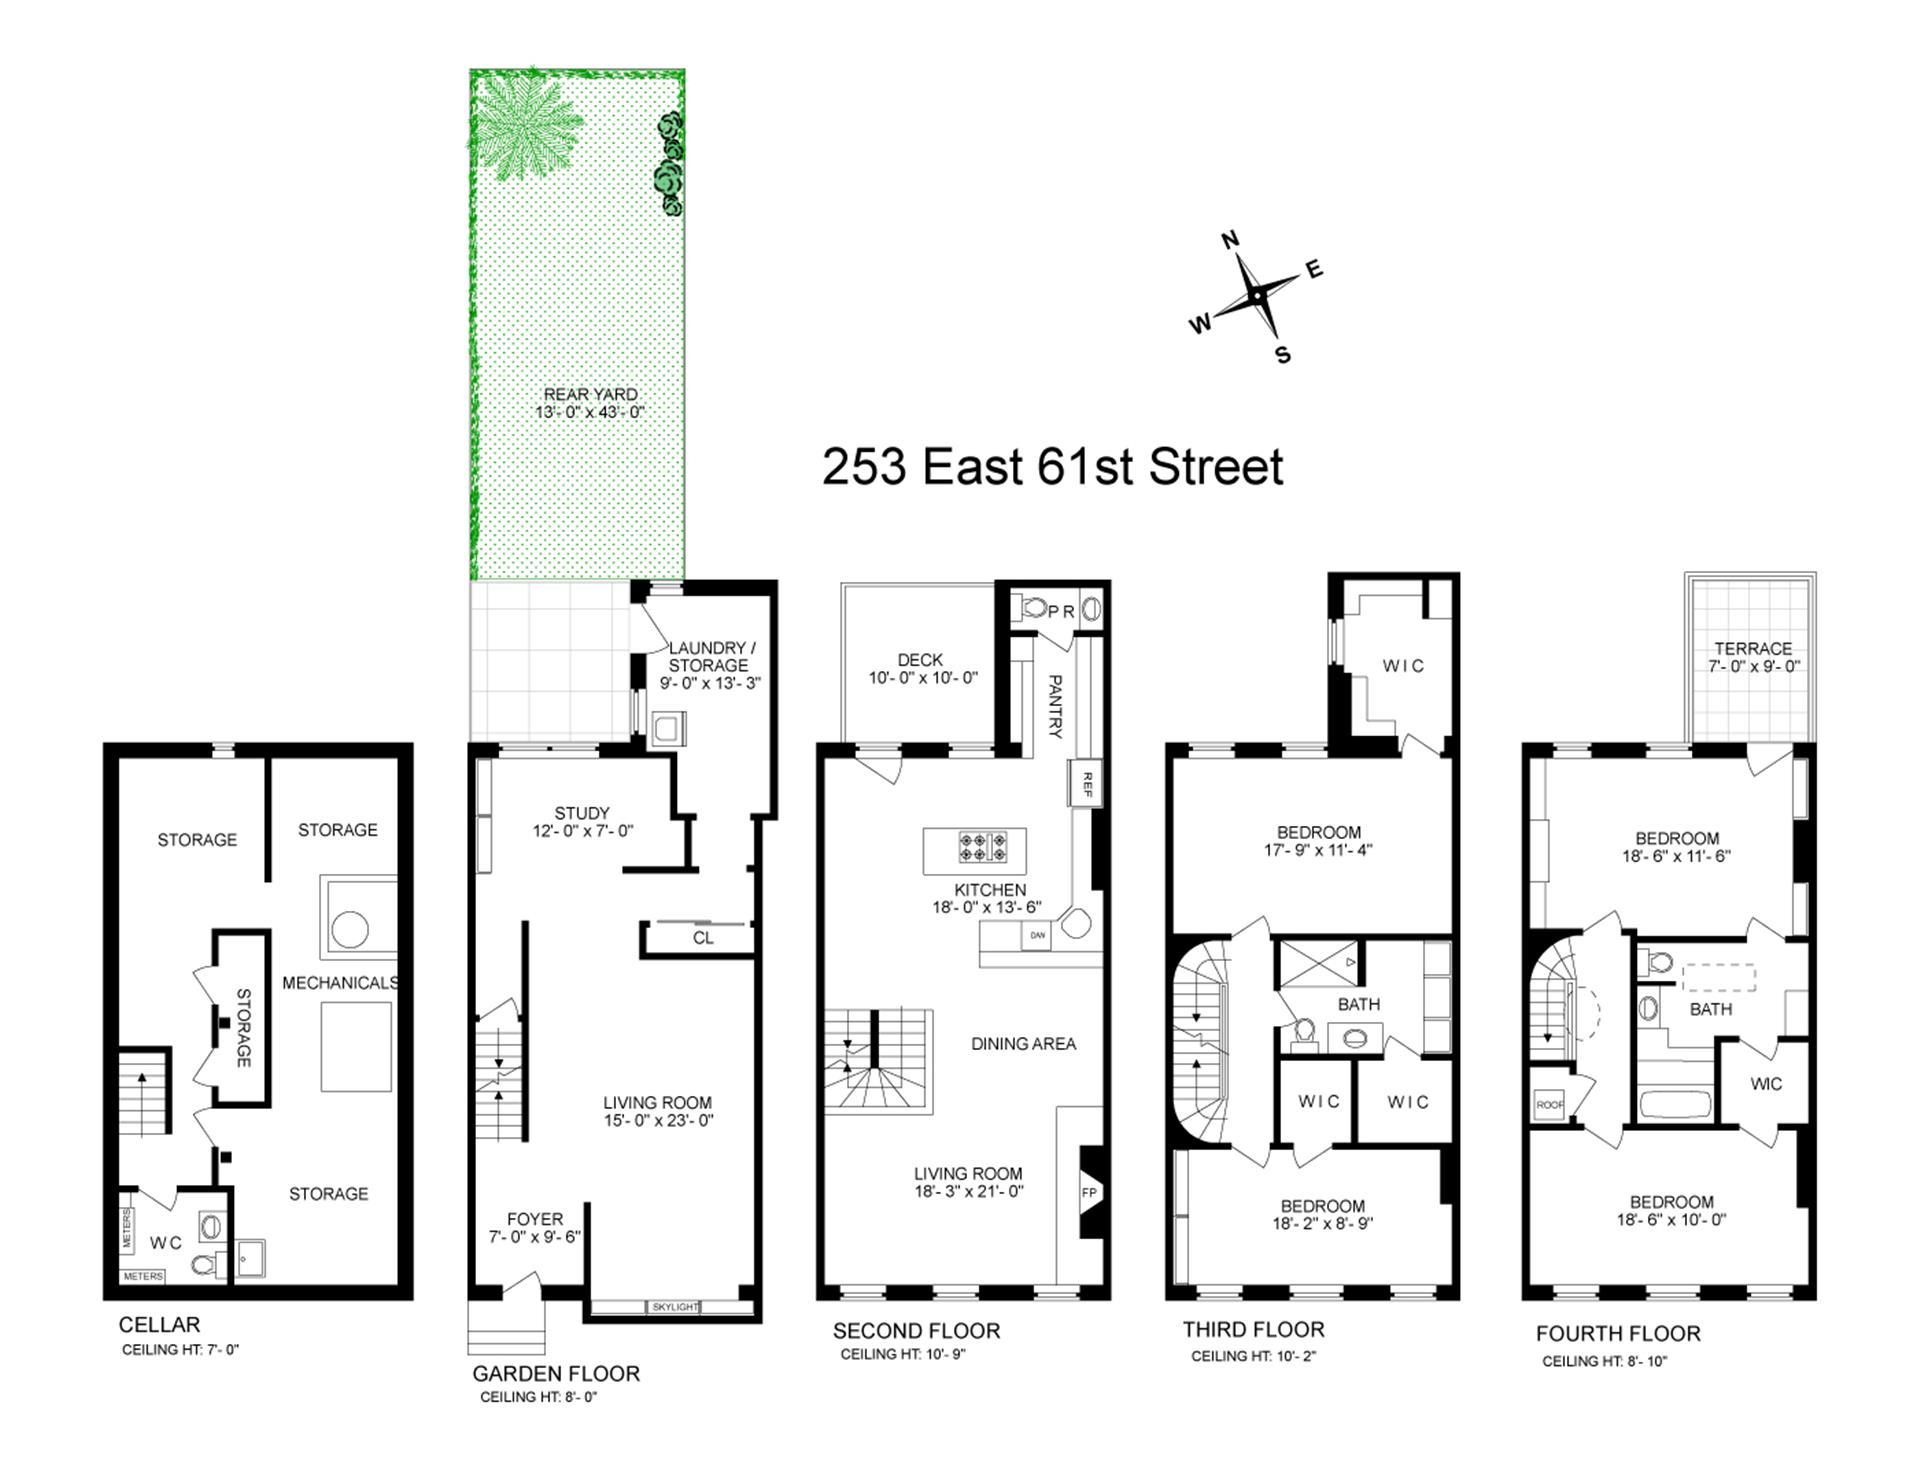 Floor plan of 253 East 61st St - Upper East Side, New York